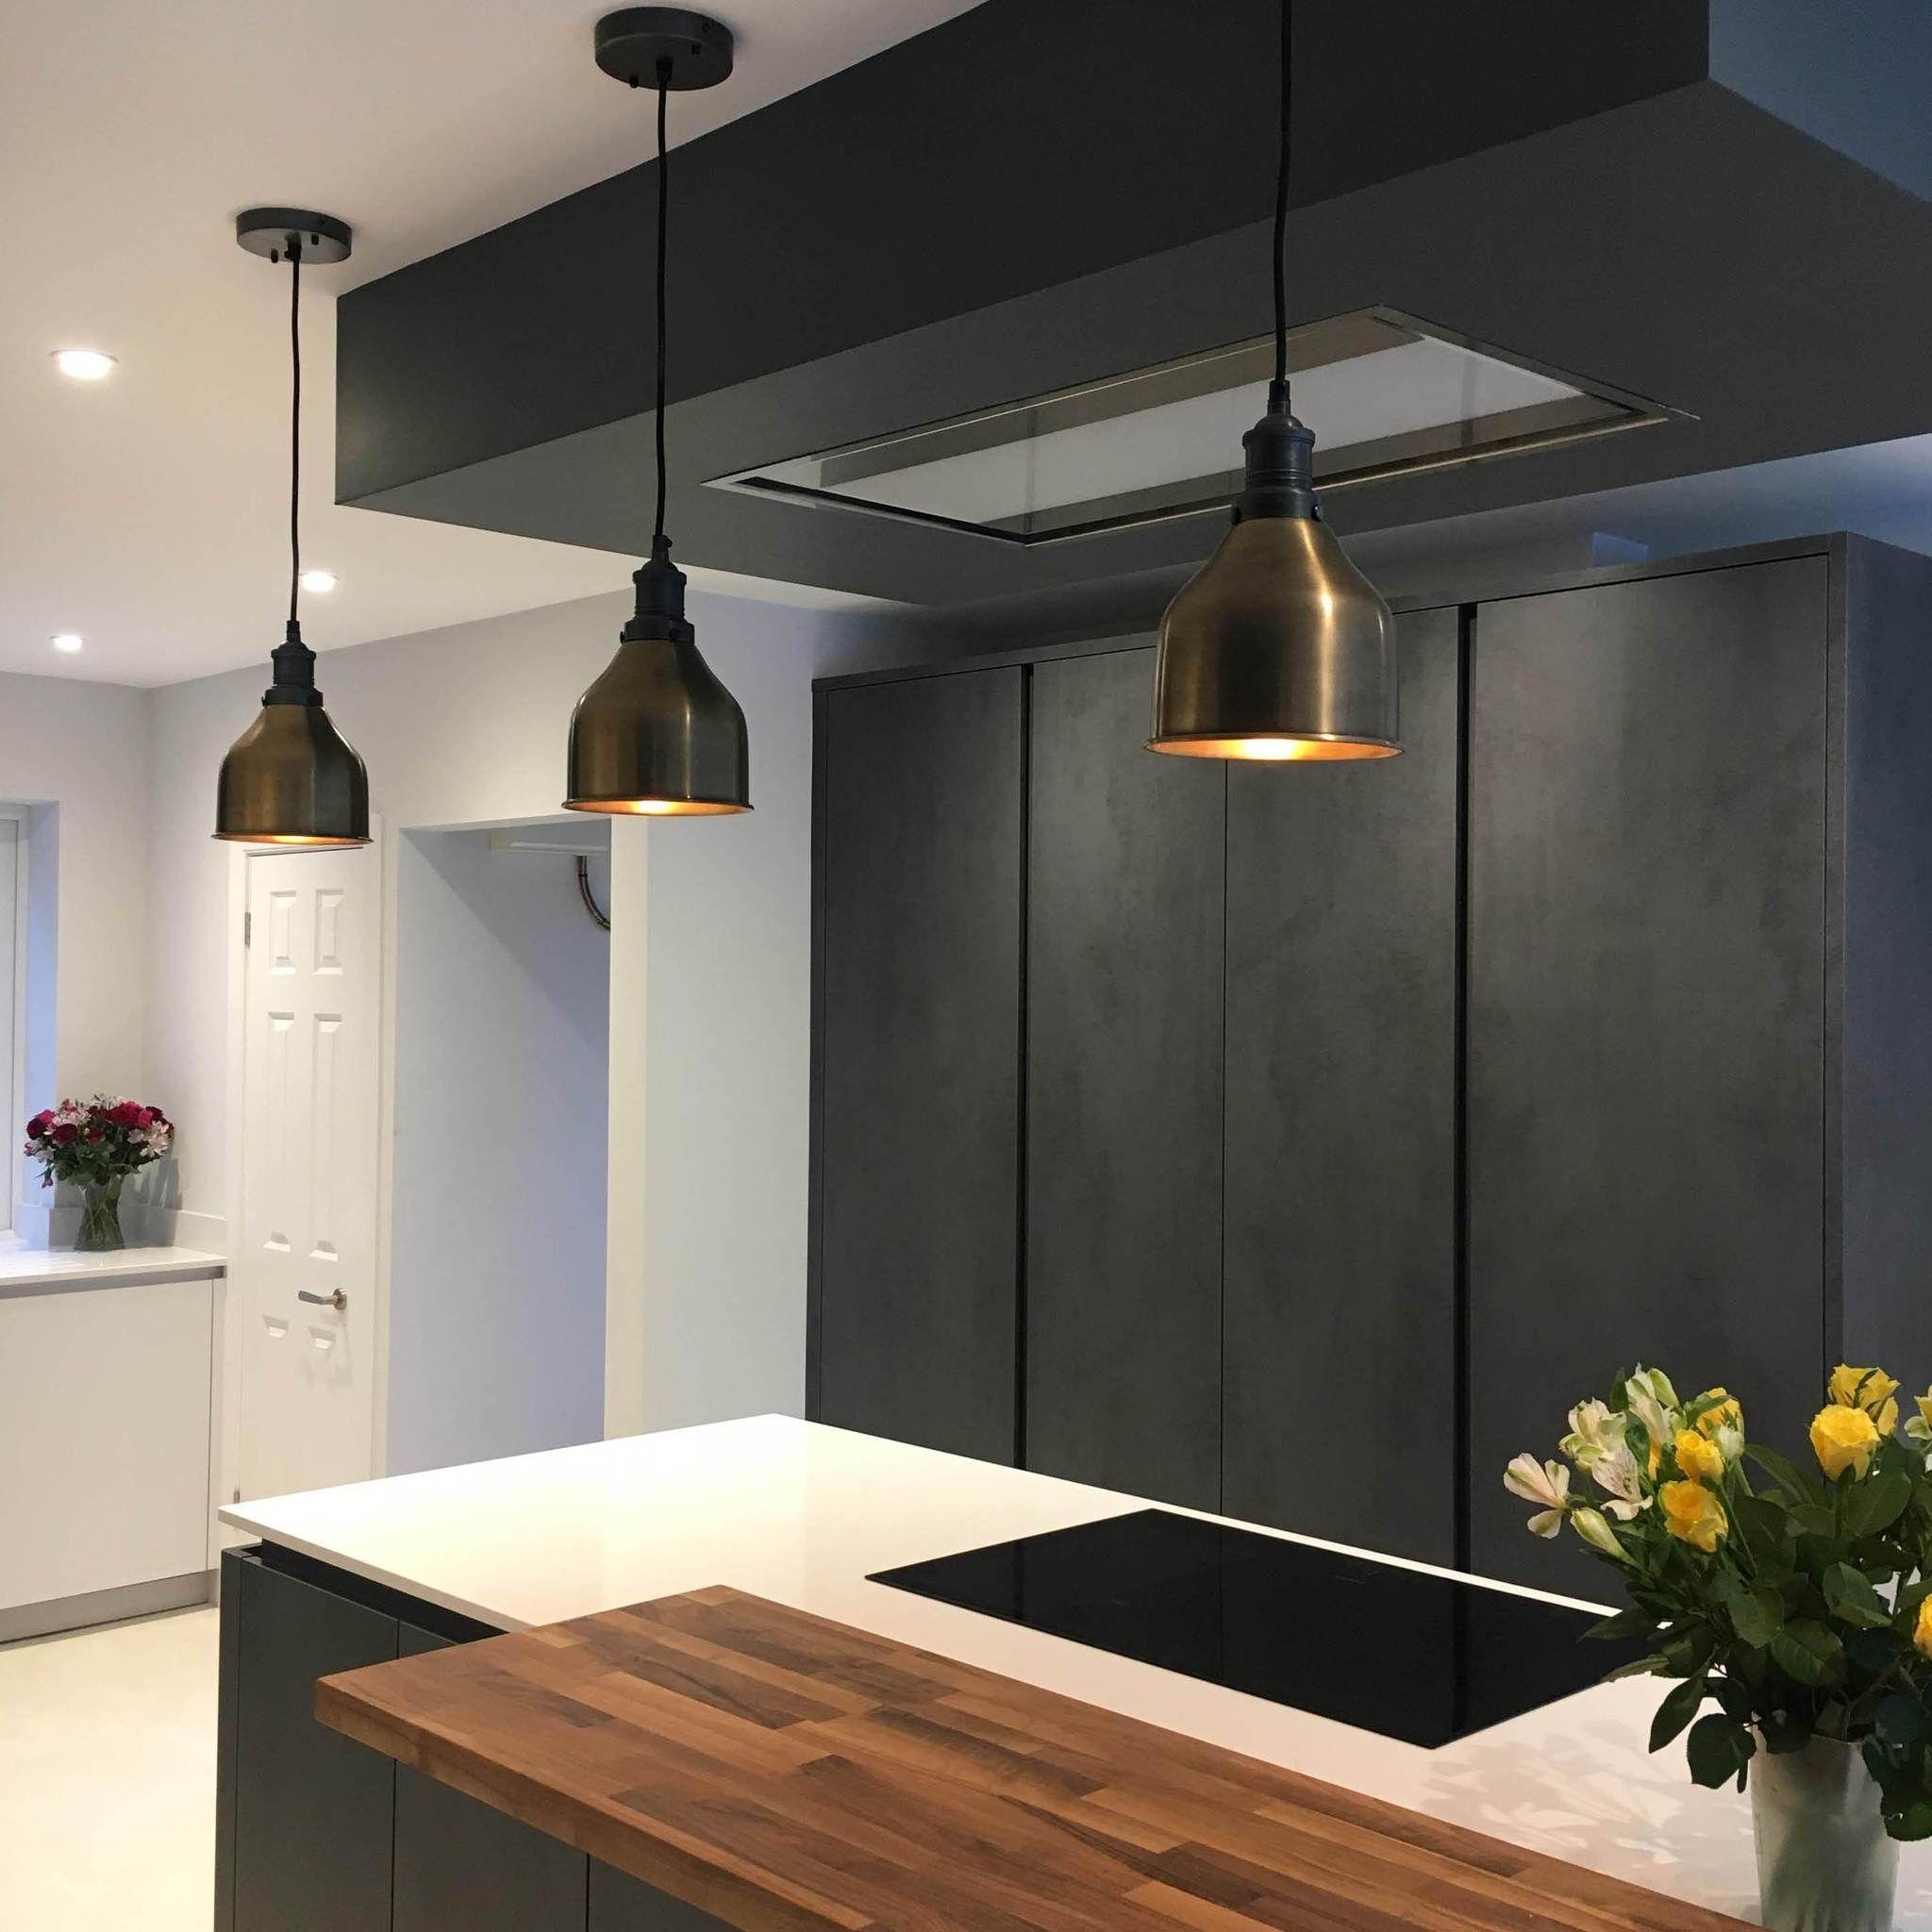 Dark kitchen interior with industrial lights over kitchen island ...